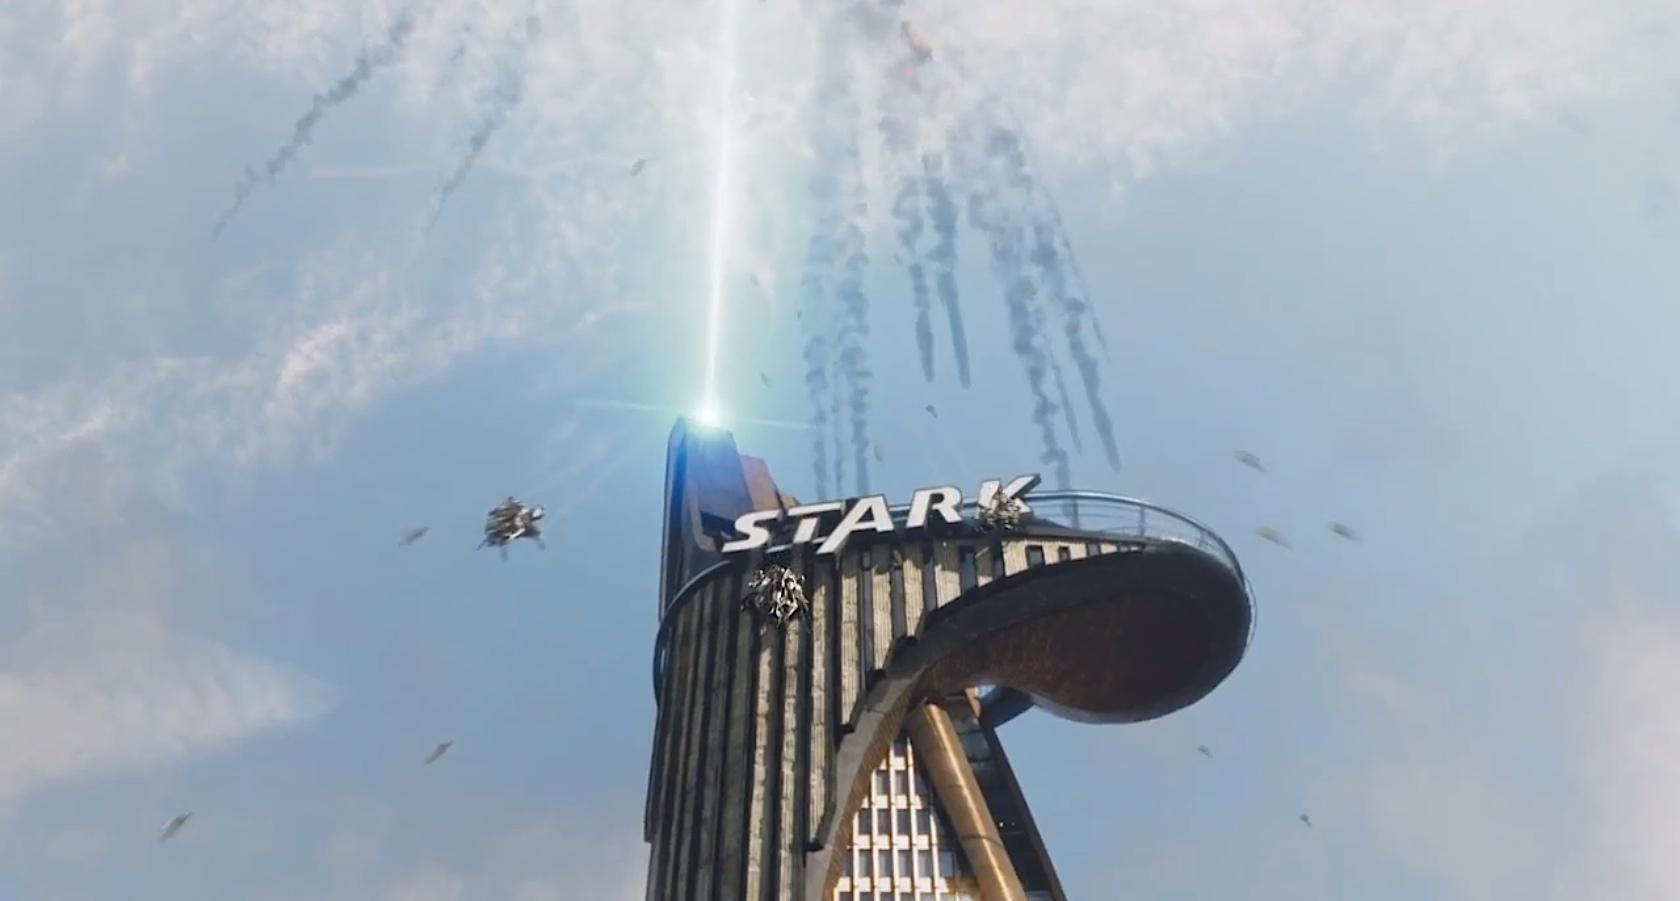 Stark Tower